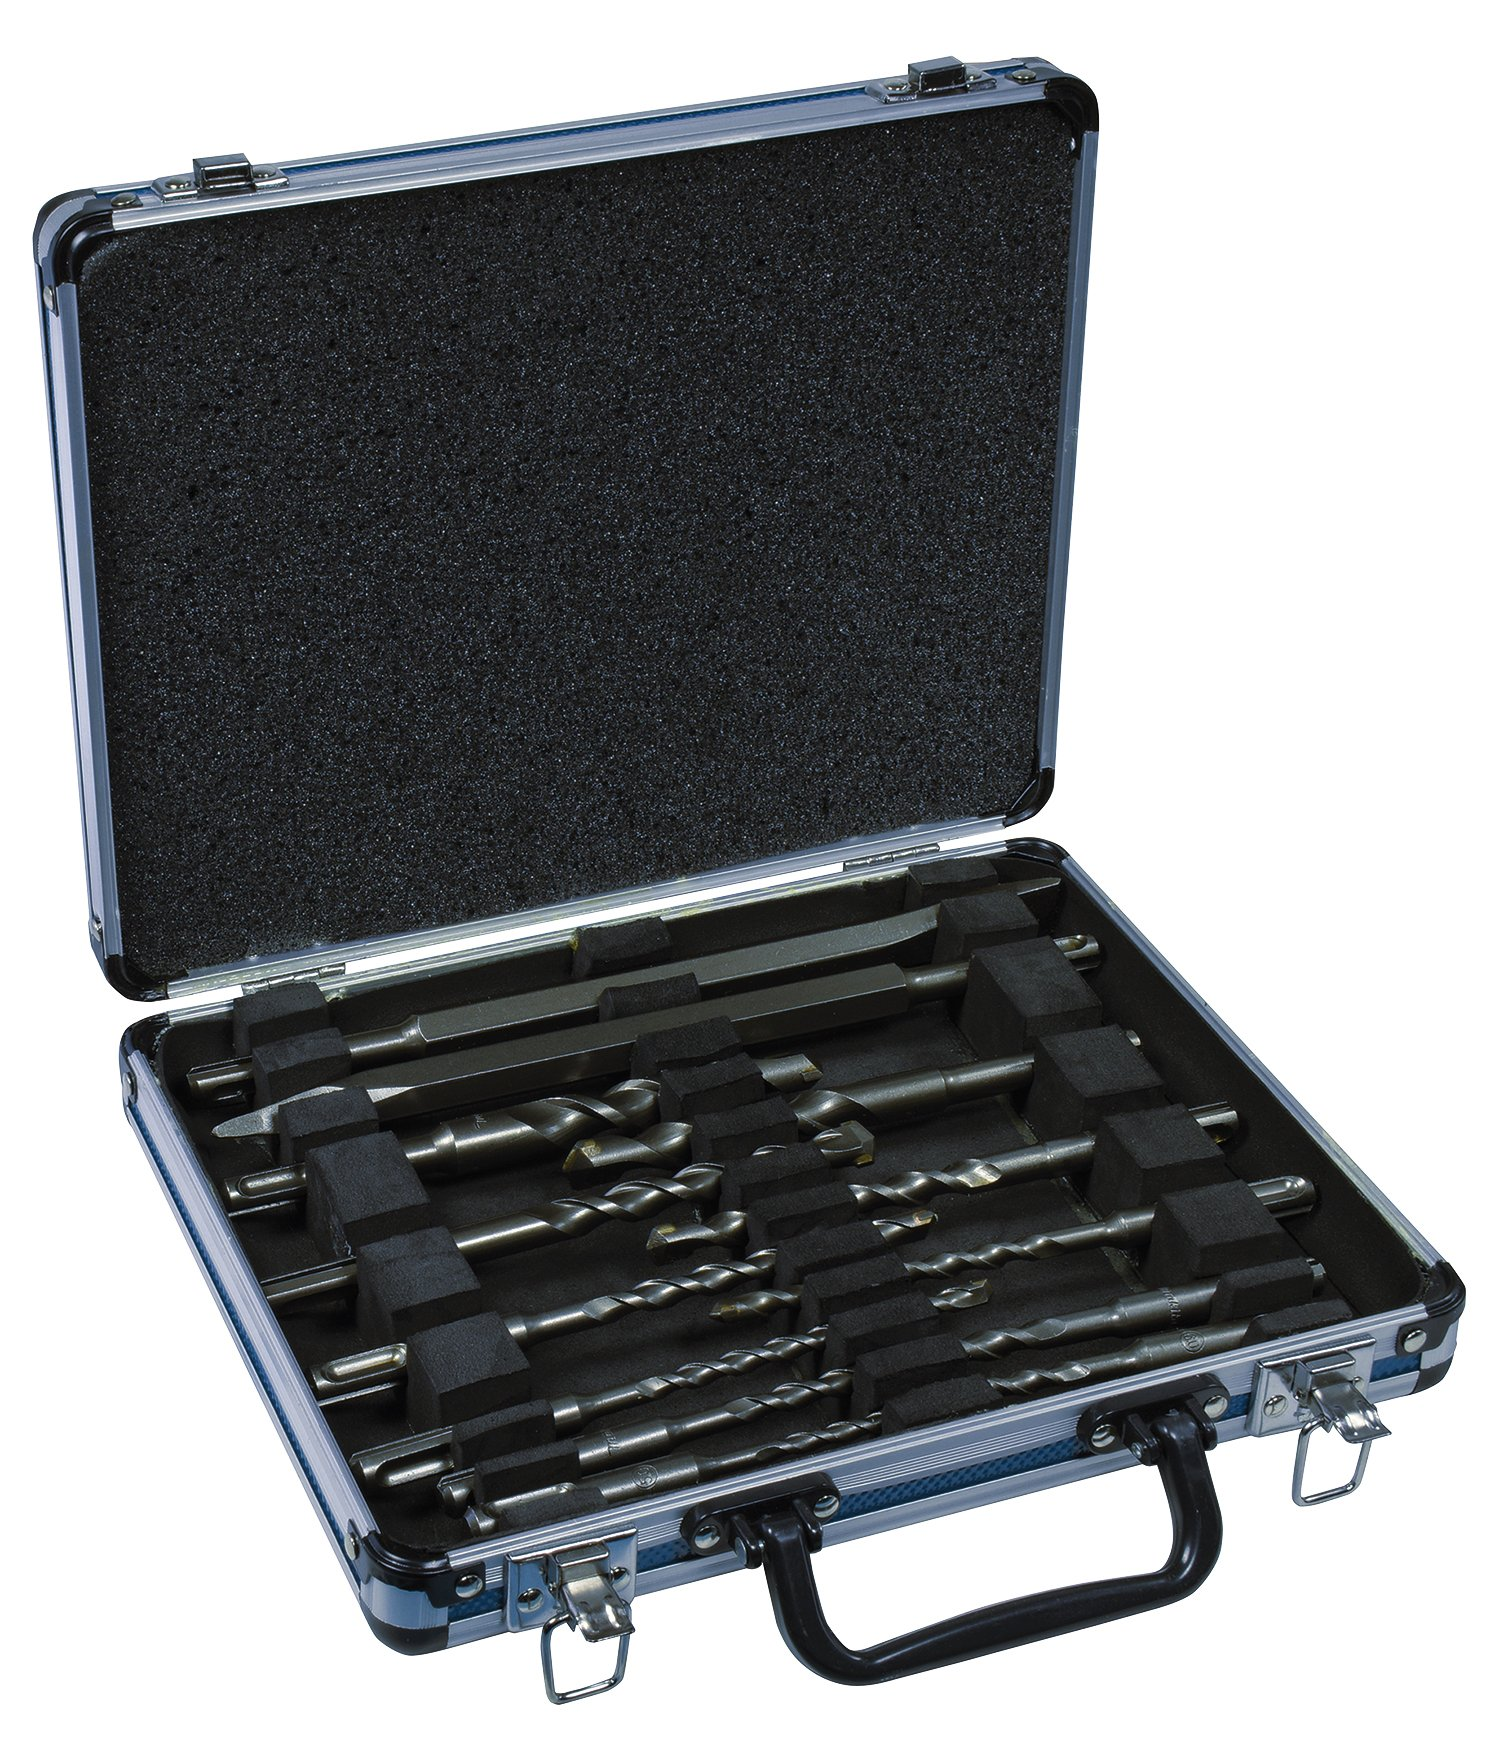 Makita D-42400 Juego de brocas 13pieza(s) broca - Brocas (Taladro